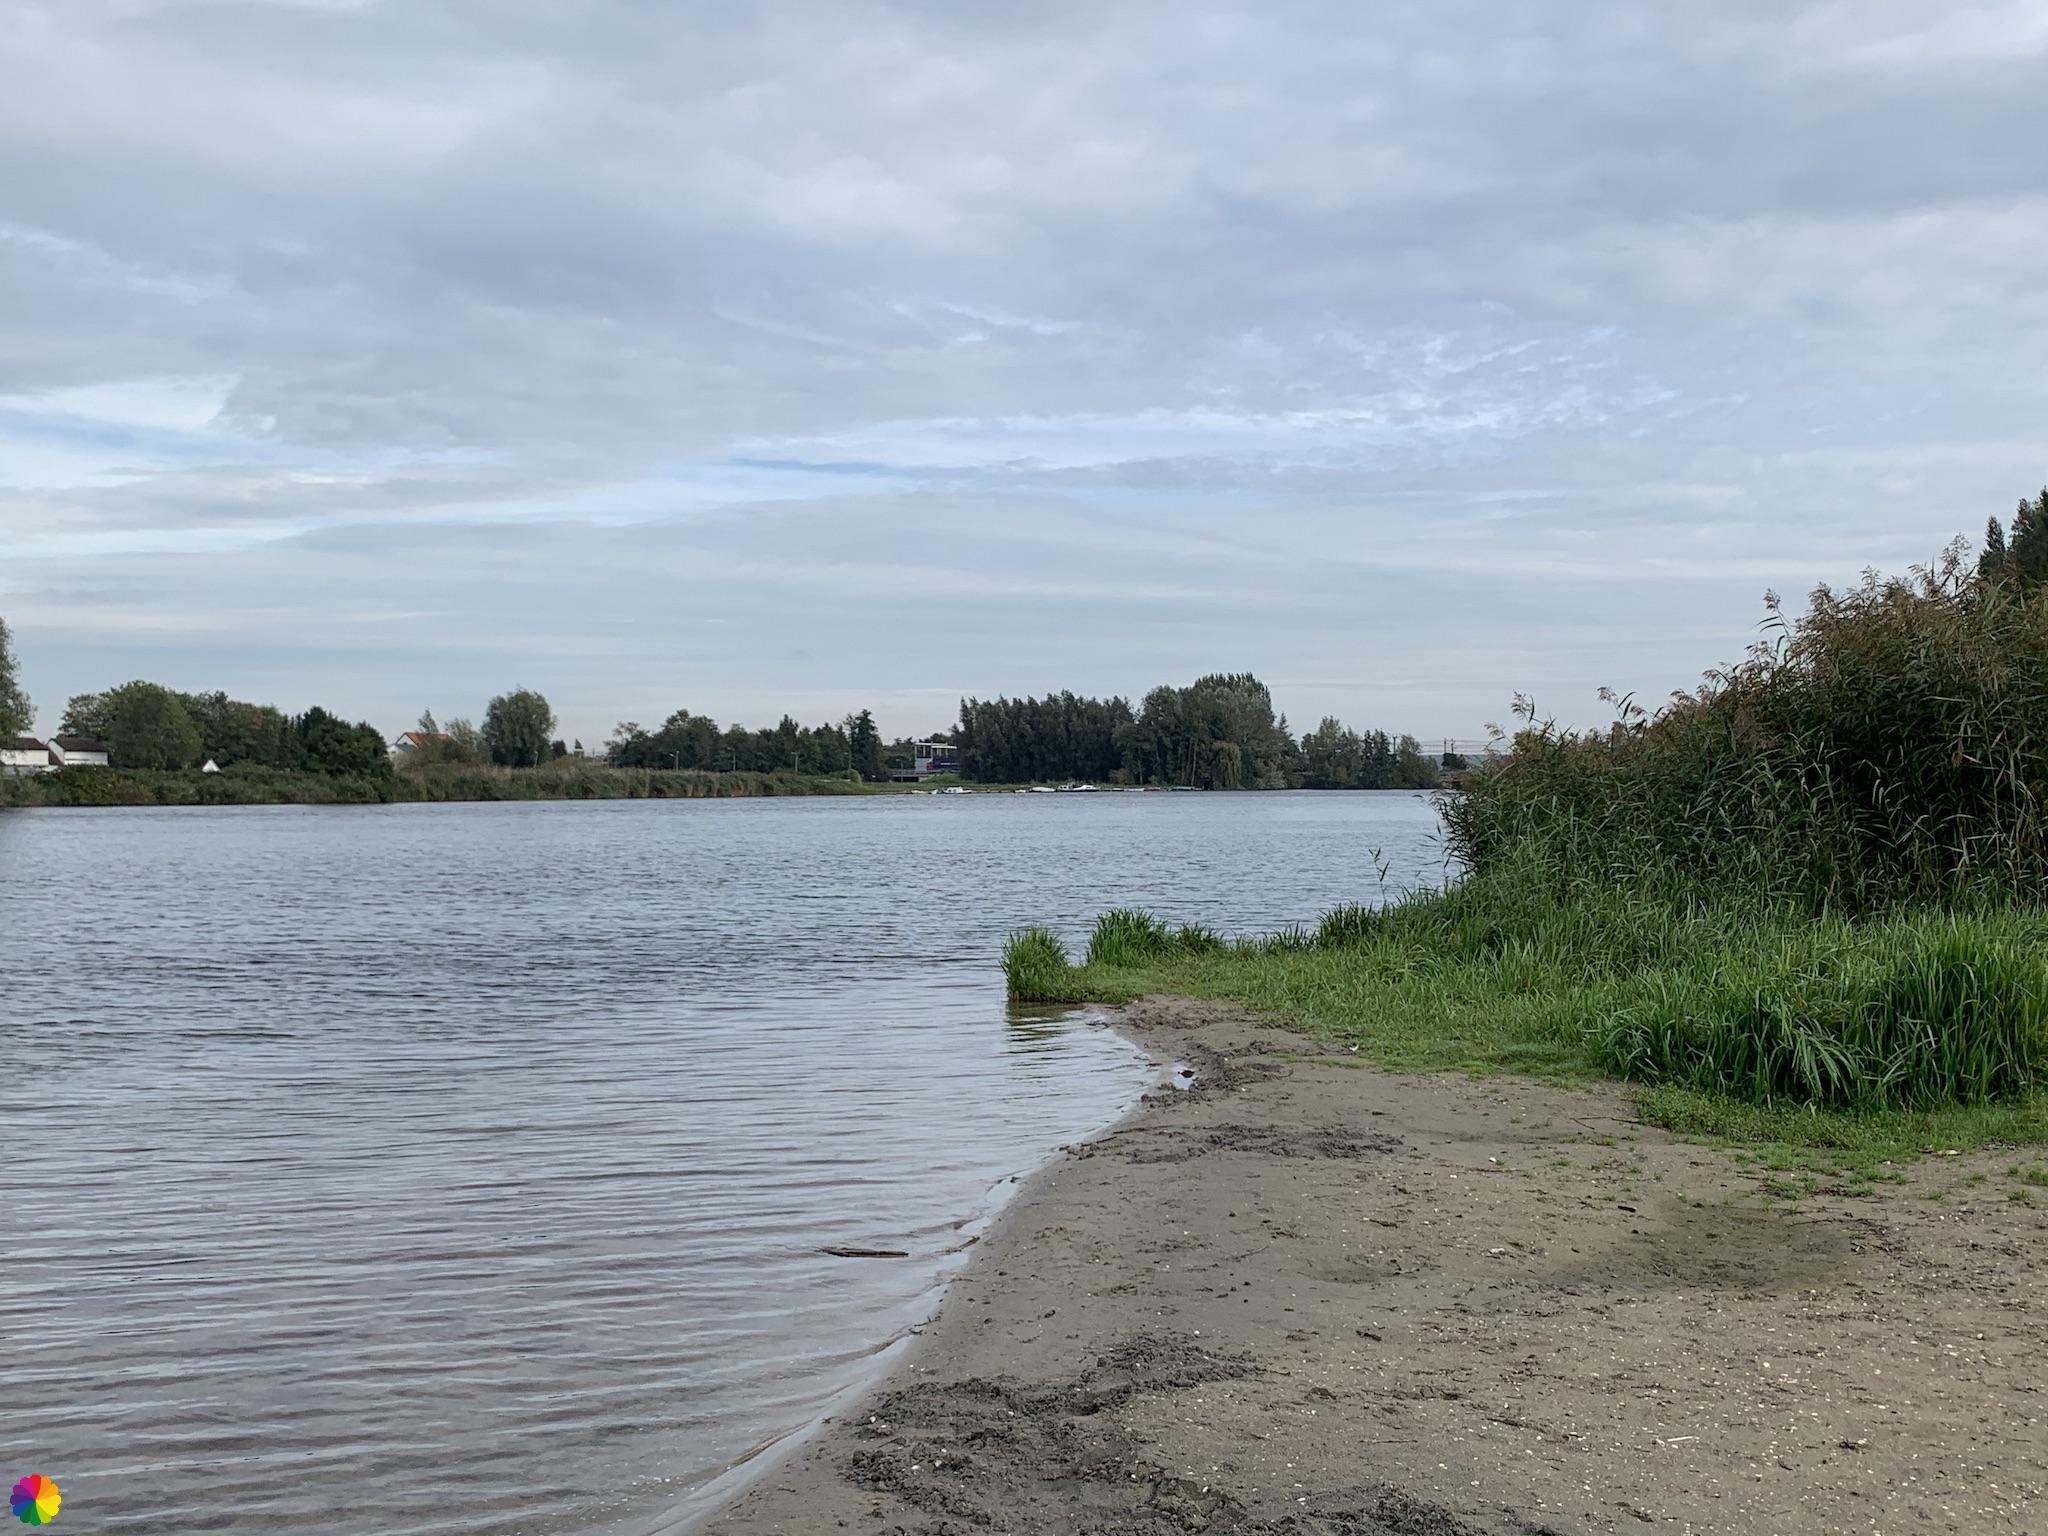 Strandje aan de Waal bij Heerjansdam